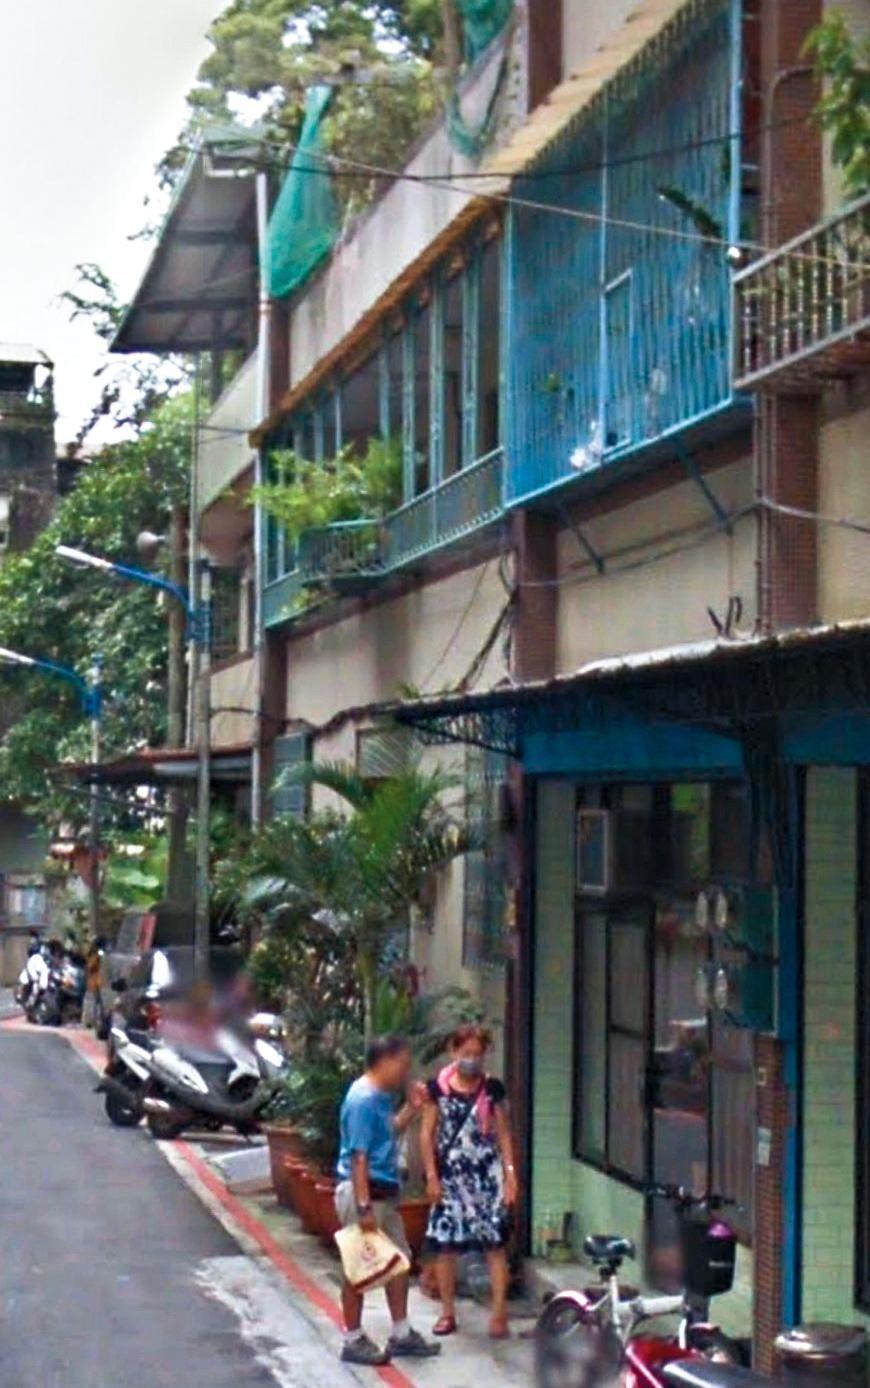 經紀人企圖漂白稱翁子涵是有錢的千金,但據讀者爆料指她並非有錢人家的女兒,並提供她家人目前居住的公寓外觀。(翻攝自GoogleMap)